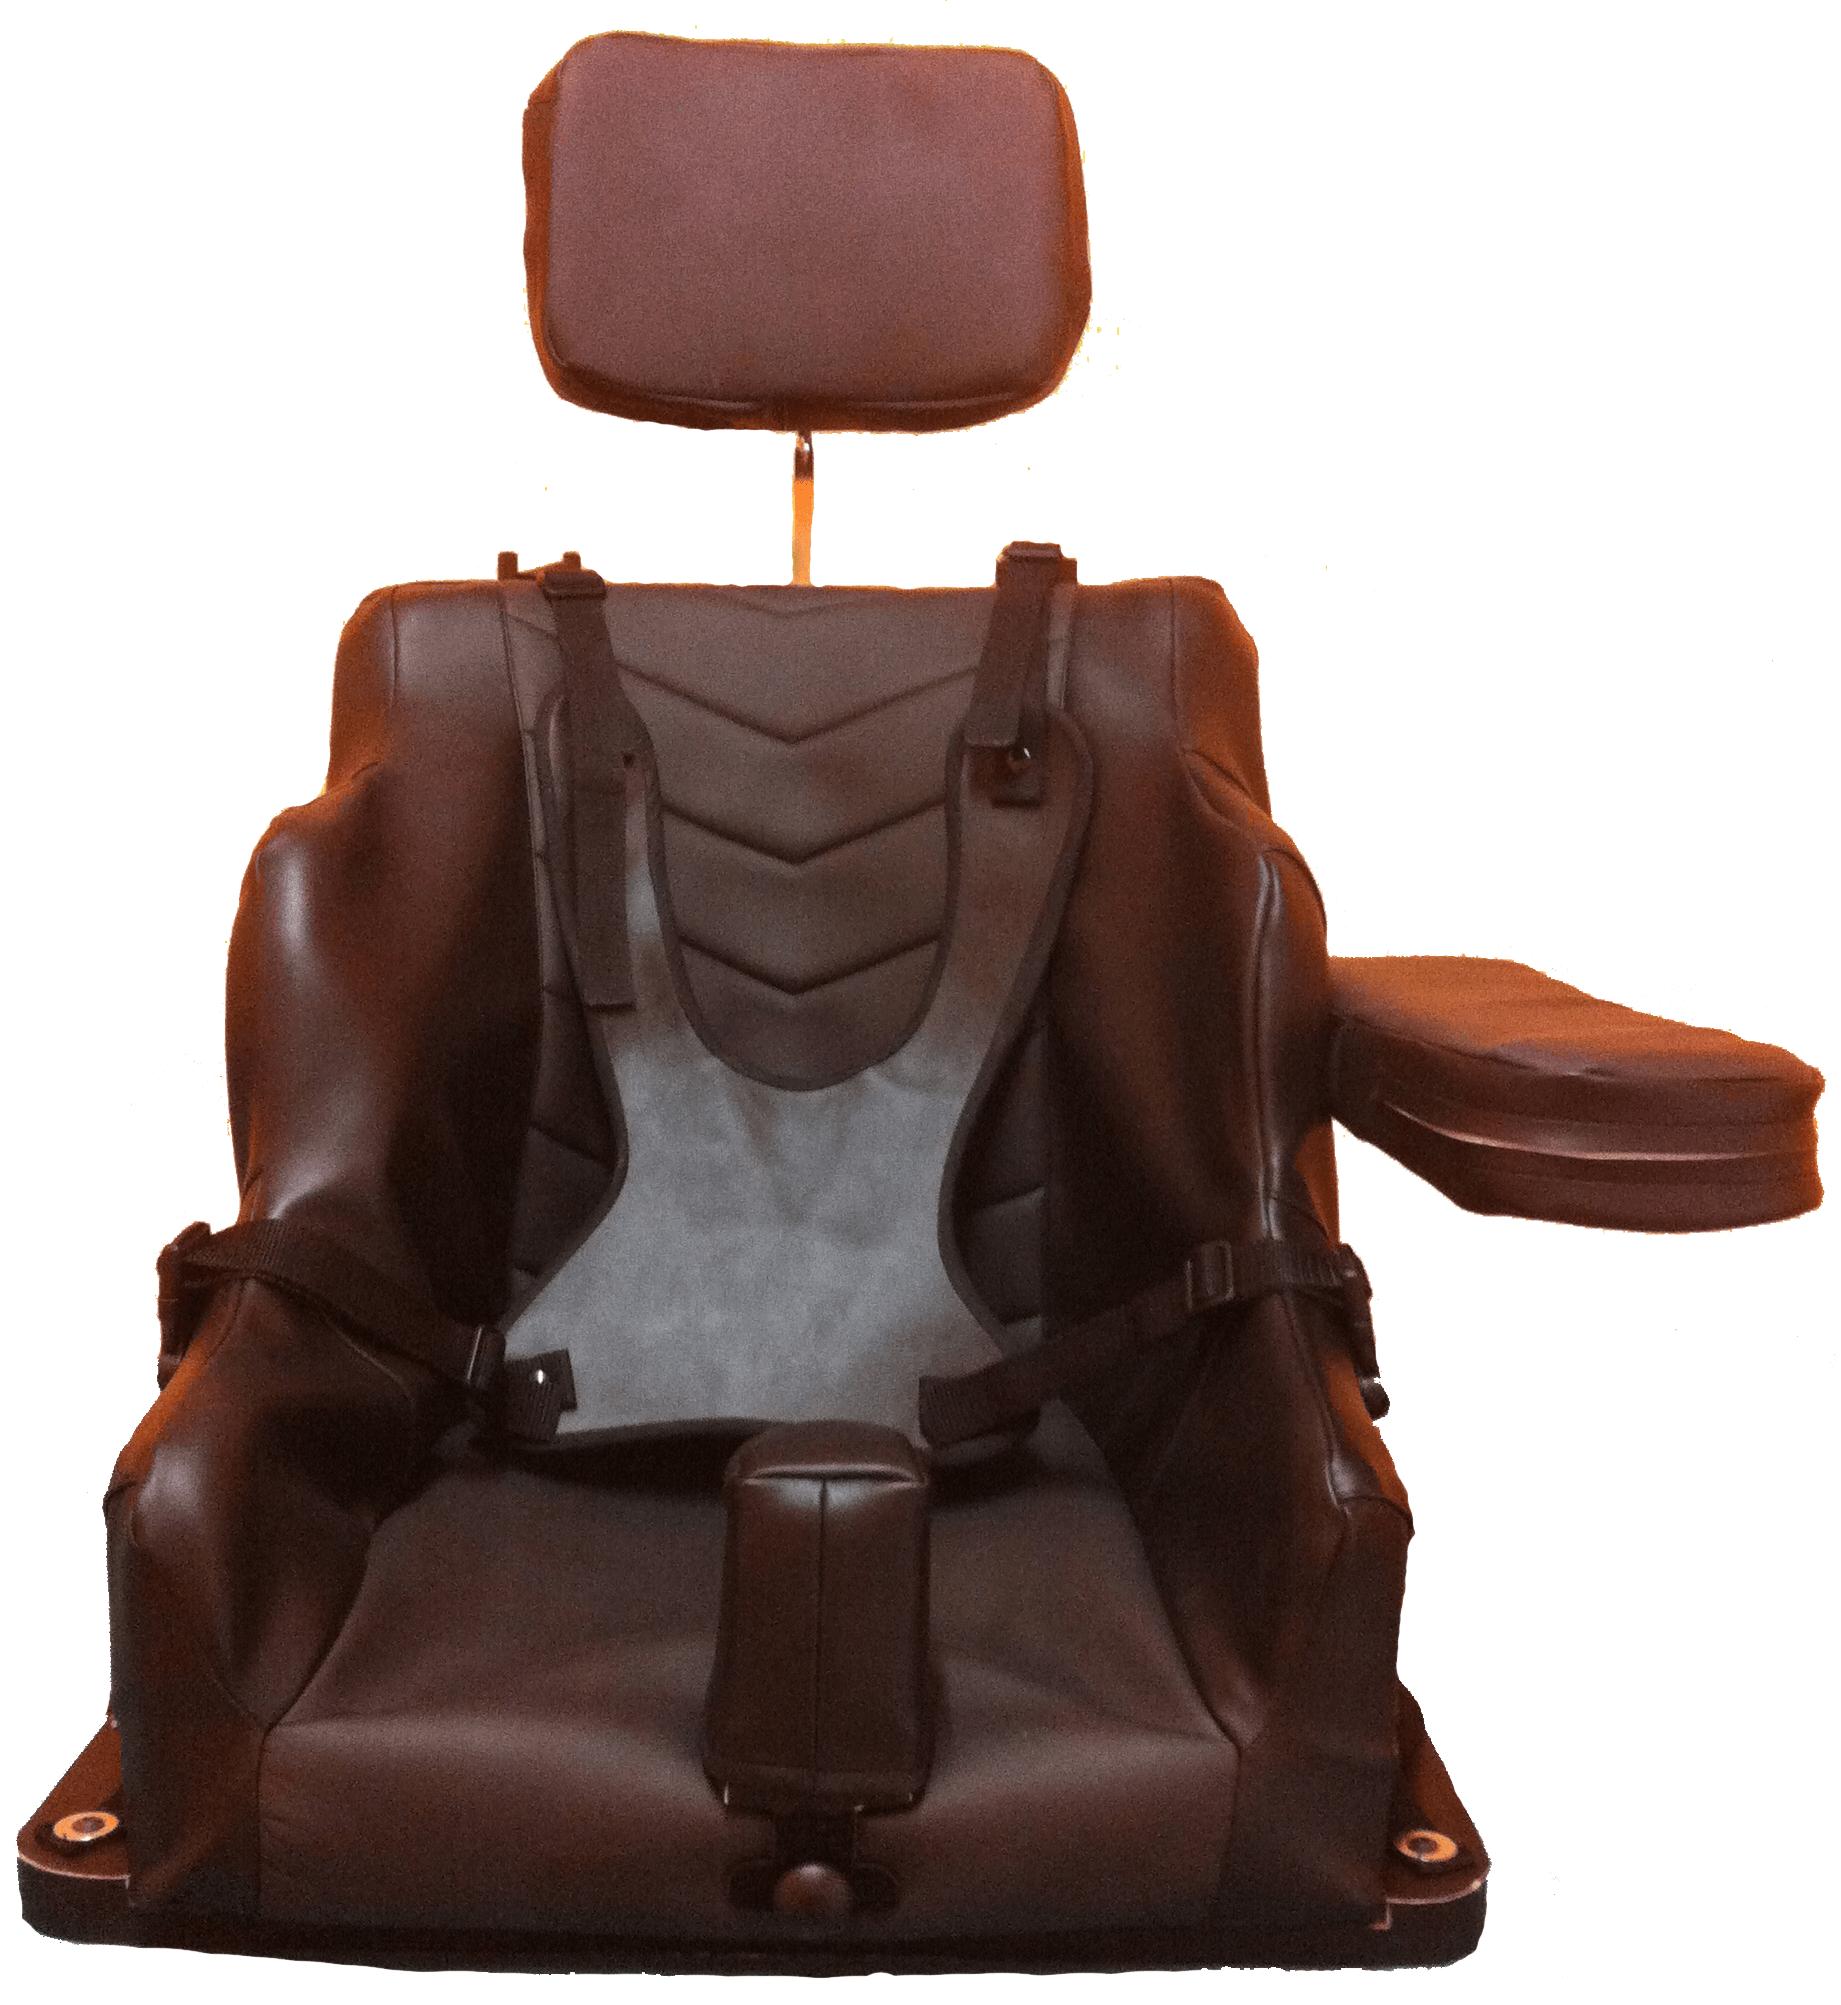 Corset siège mousse épaisse finition simili cuir